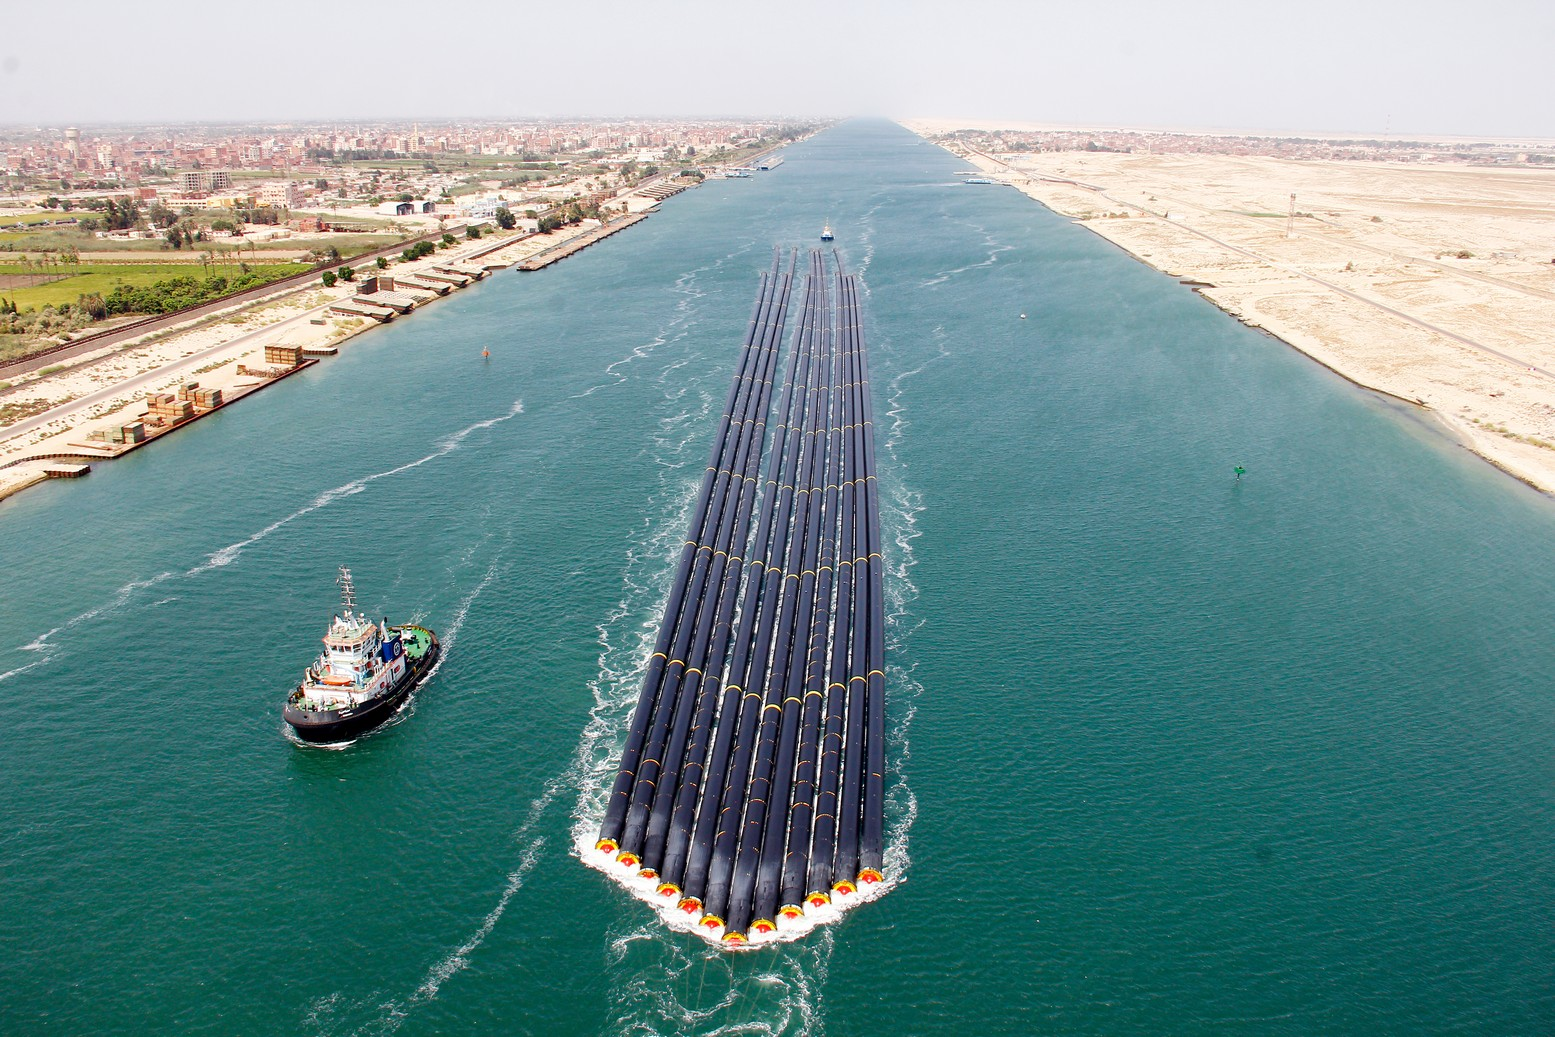 مصر تدرس توسيع قناة السويس